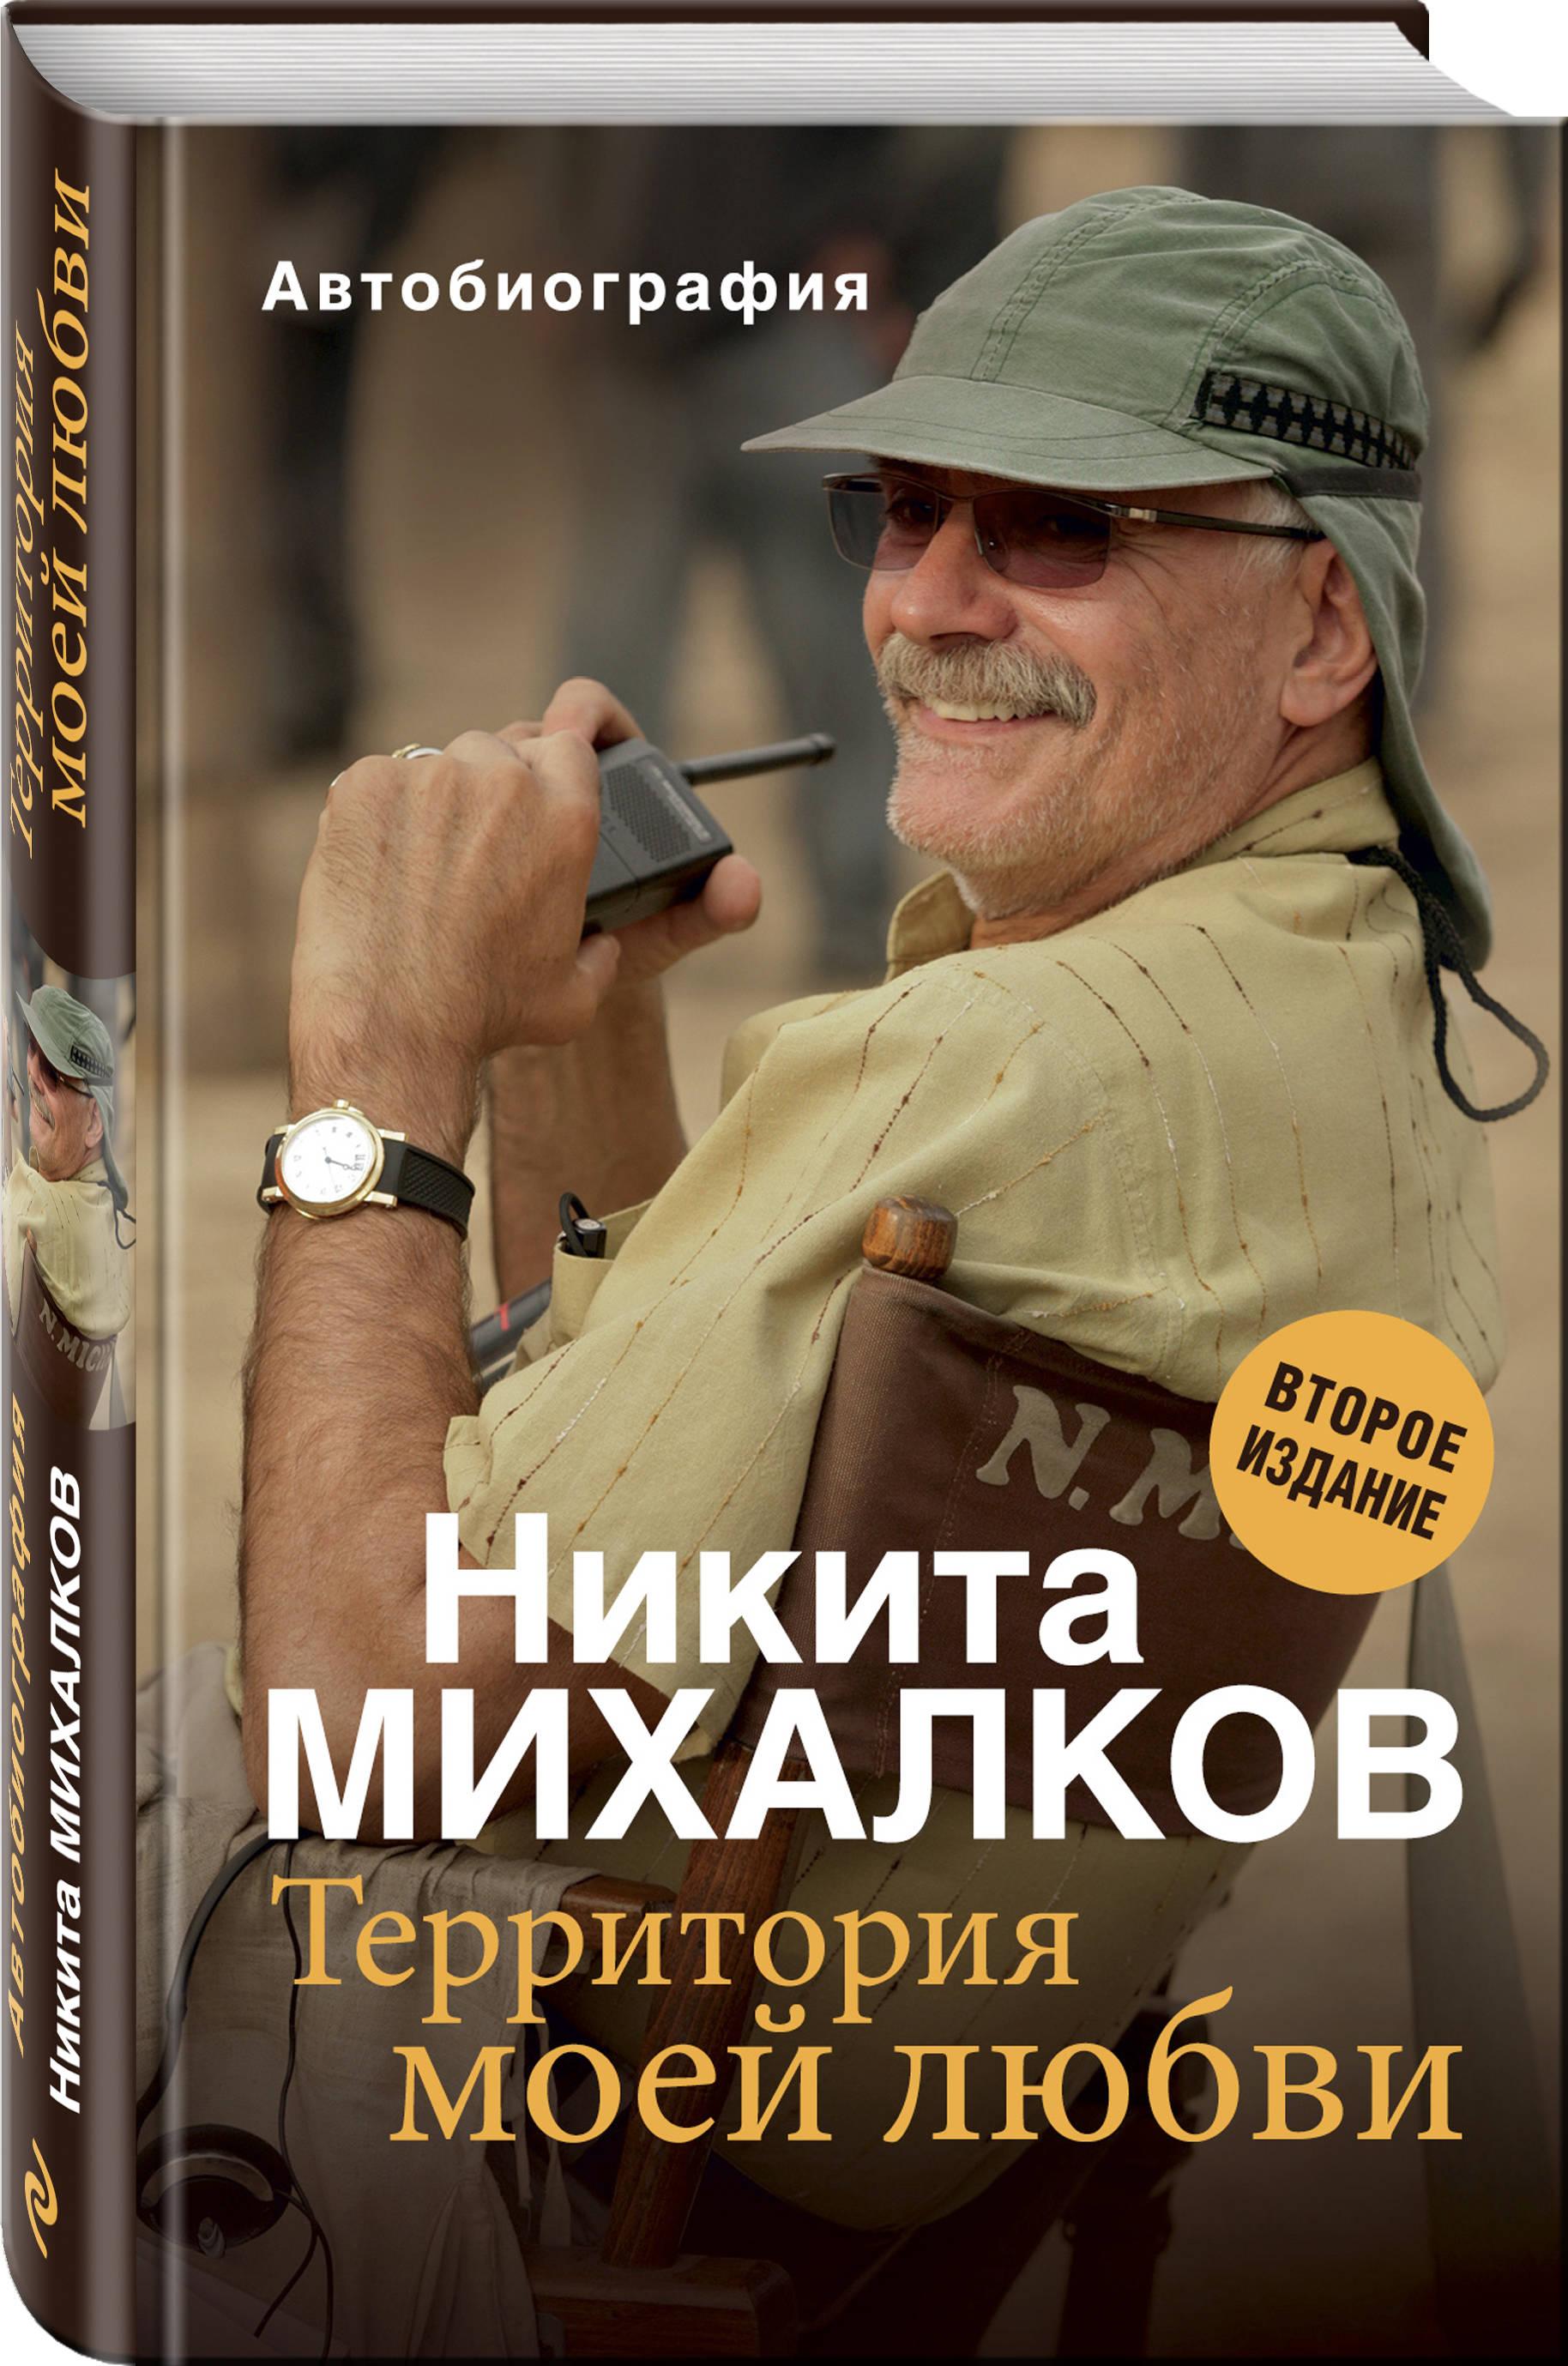 Никита Михалков Территория моей любви. 2-е издание михалков н с территория моей любви